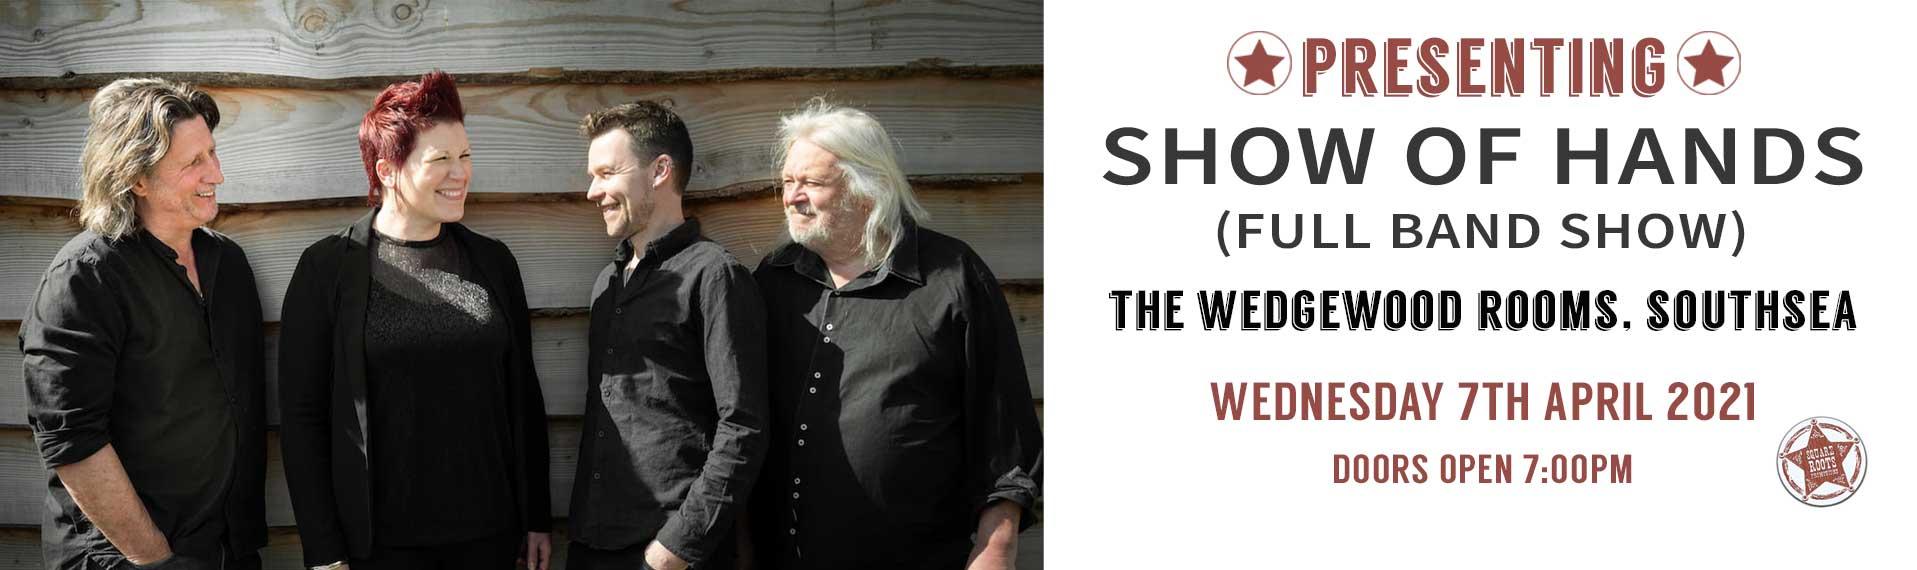 show-of-hands2021-banner